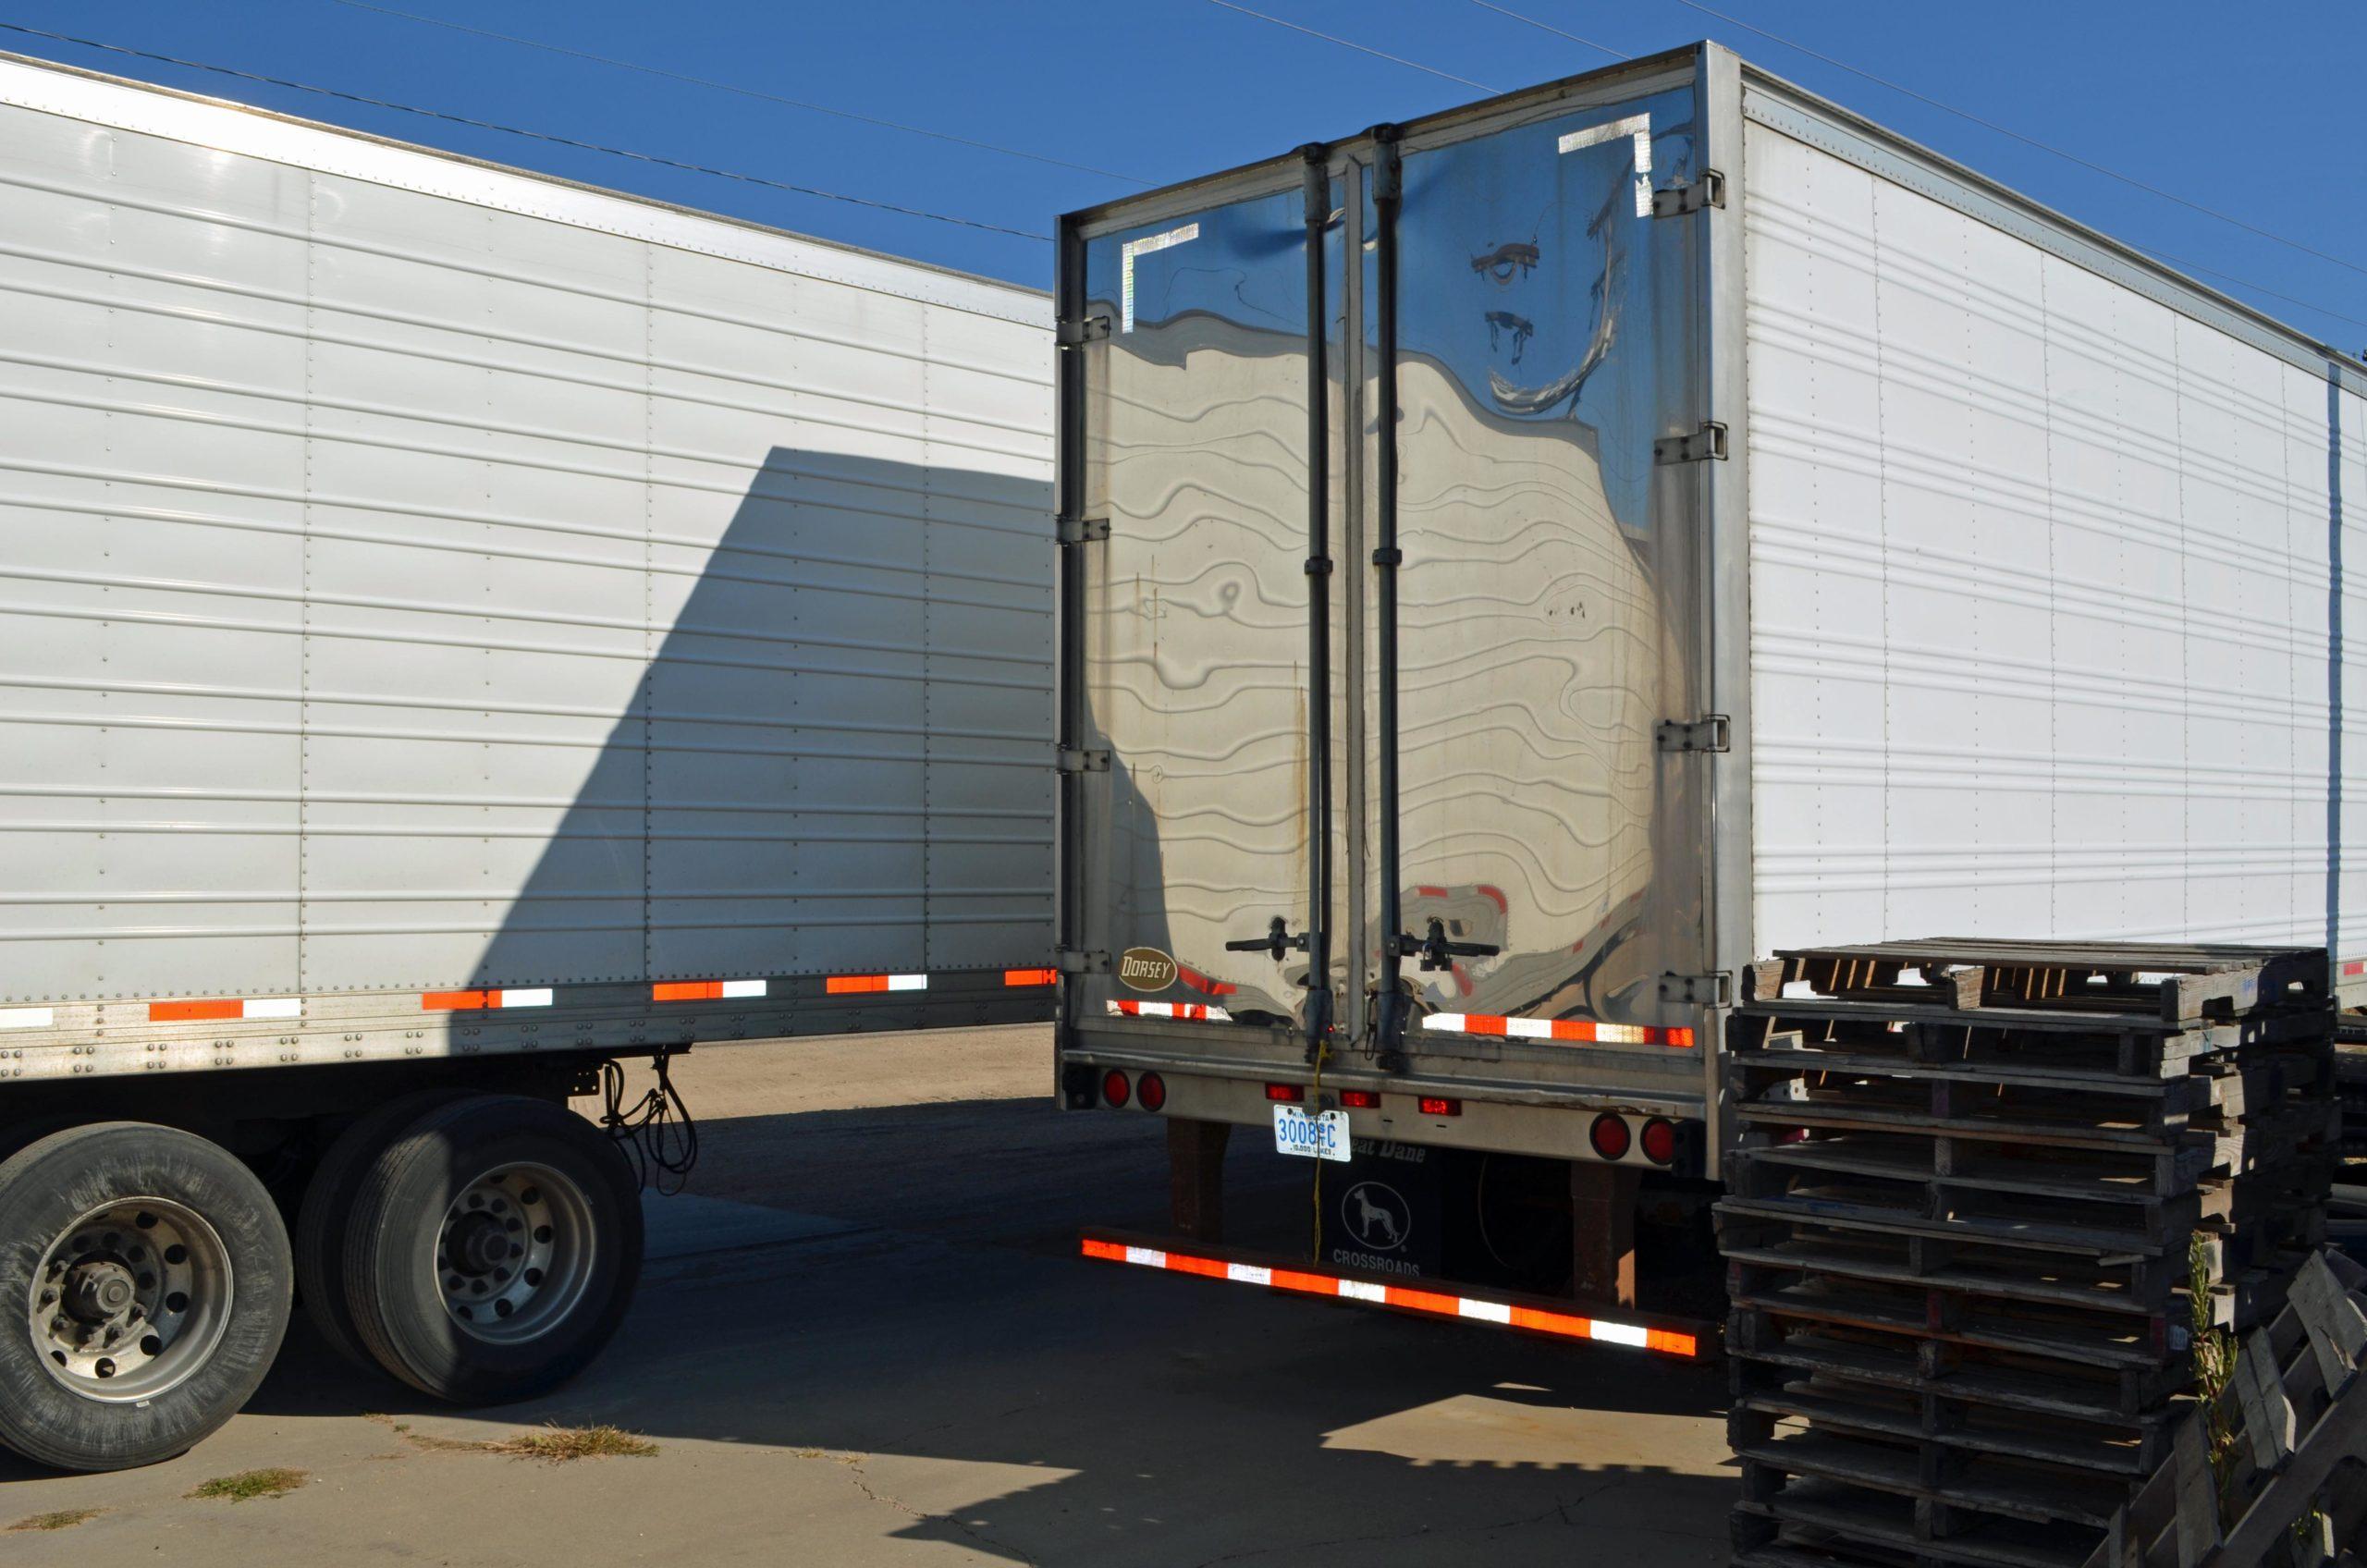 unloading injury legal